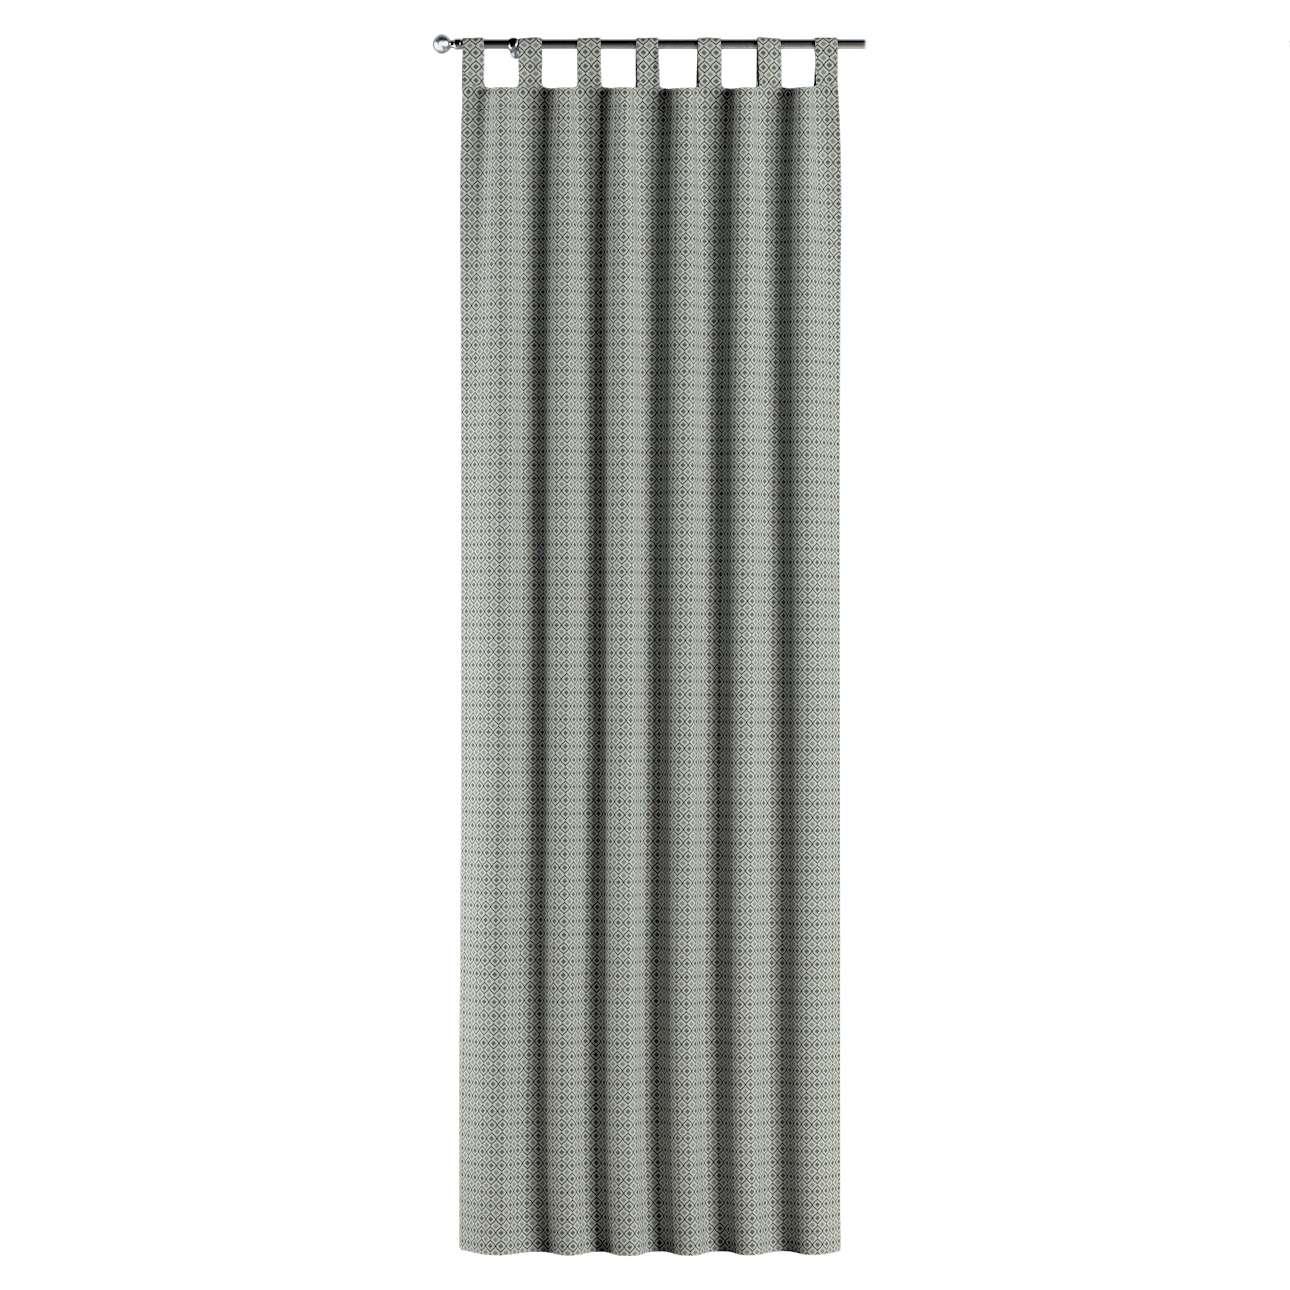 Gardin med stropper 1 stk. fra kolleksjonen Black & White, Stoffets bredde: 142-76